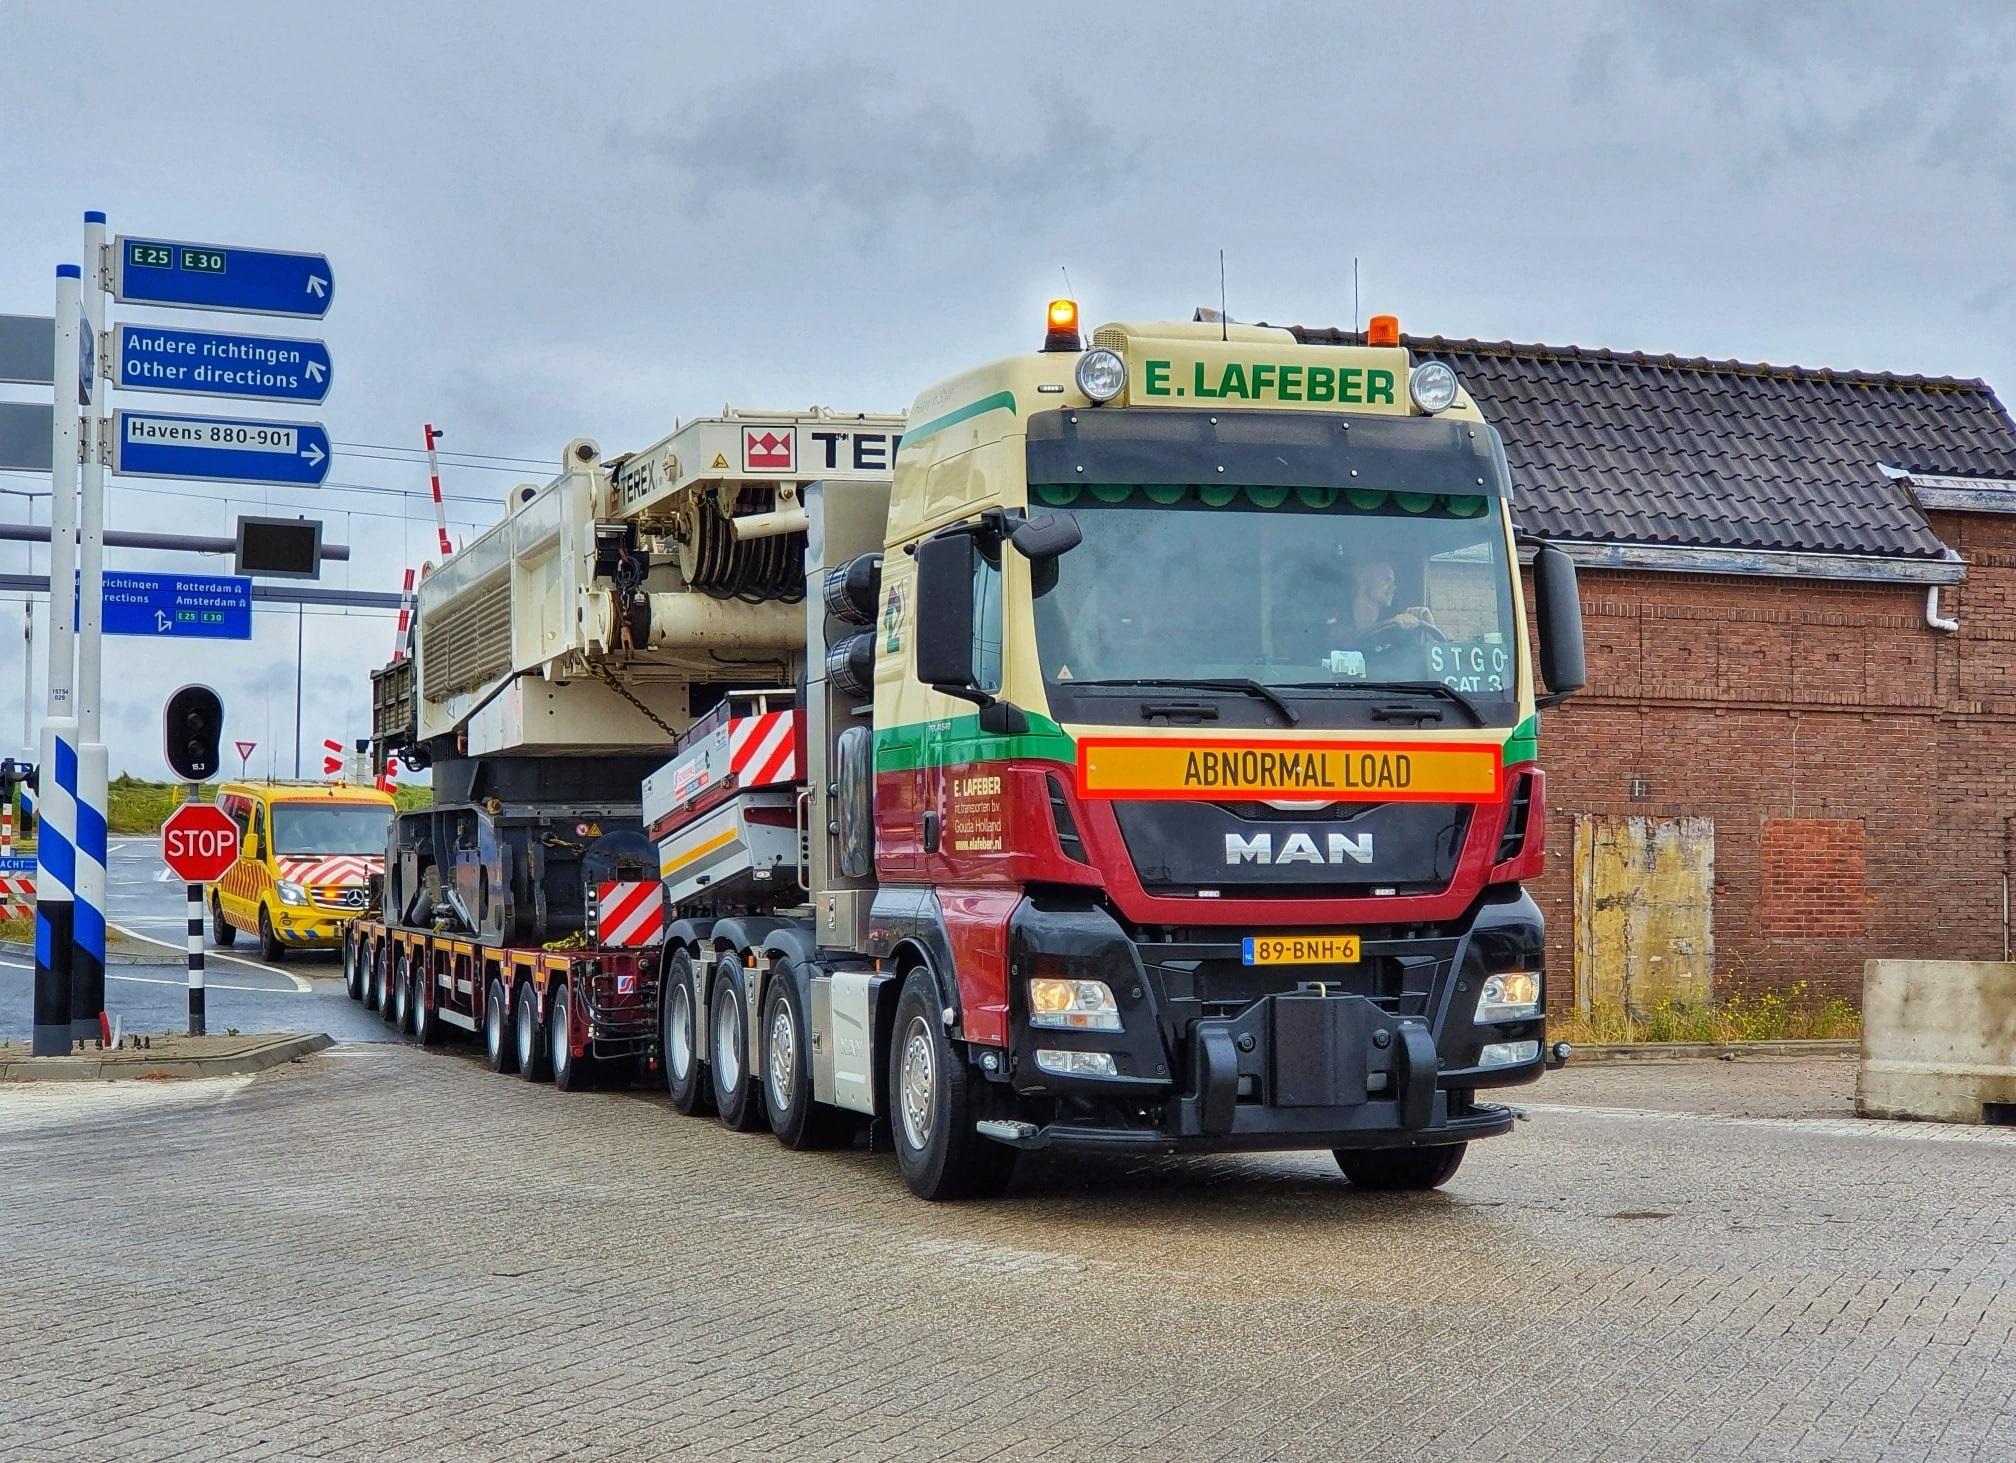 Man-tgx-41-640-8x4-met-SCHEUERLE-Fahrzeugfabrik-8-assige-moduletrailer-met-Terex-CC-33800-voor-Schotland--21-6-2021-(5)